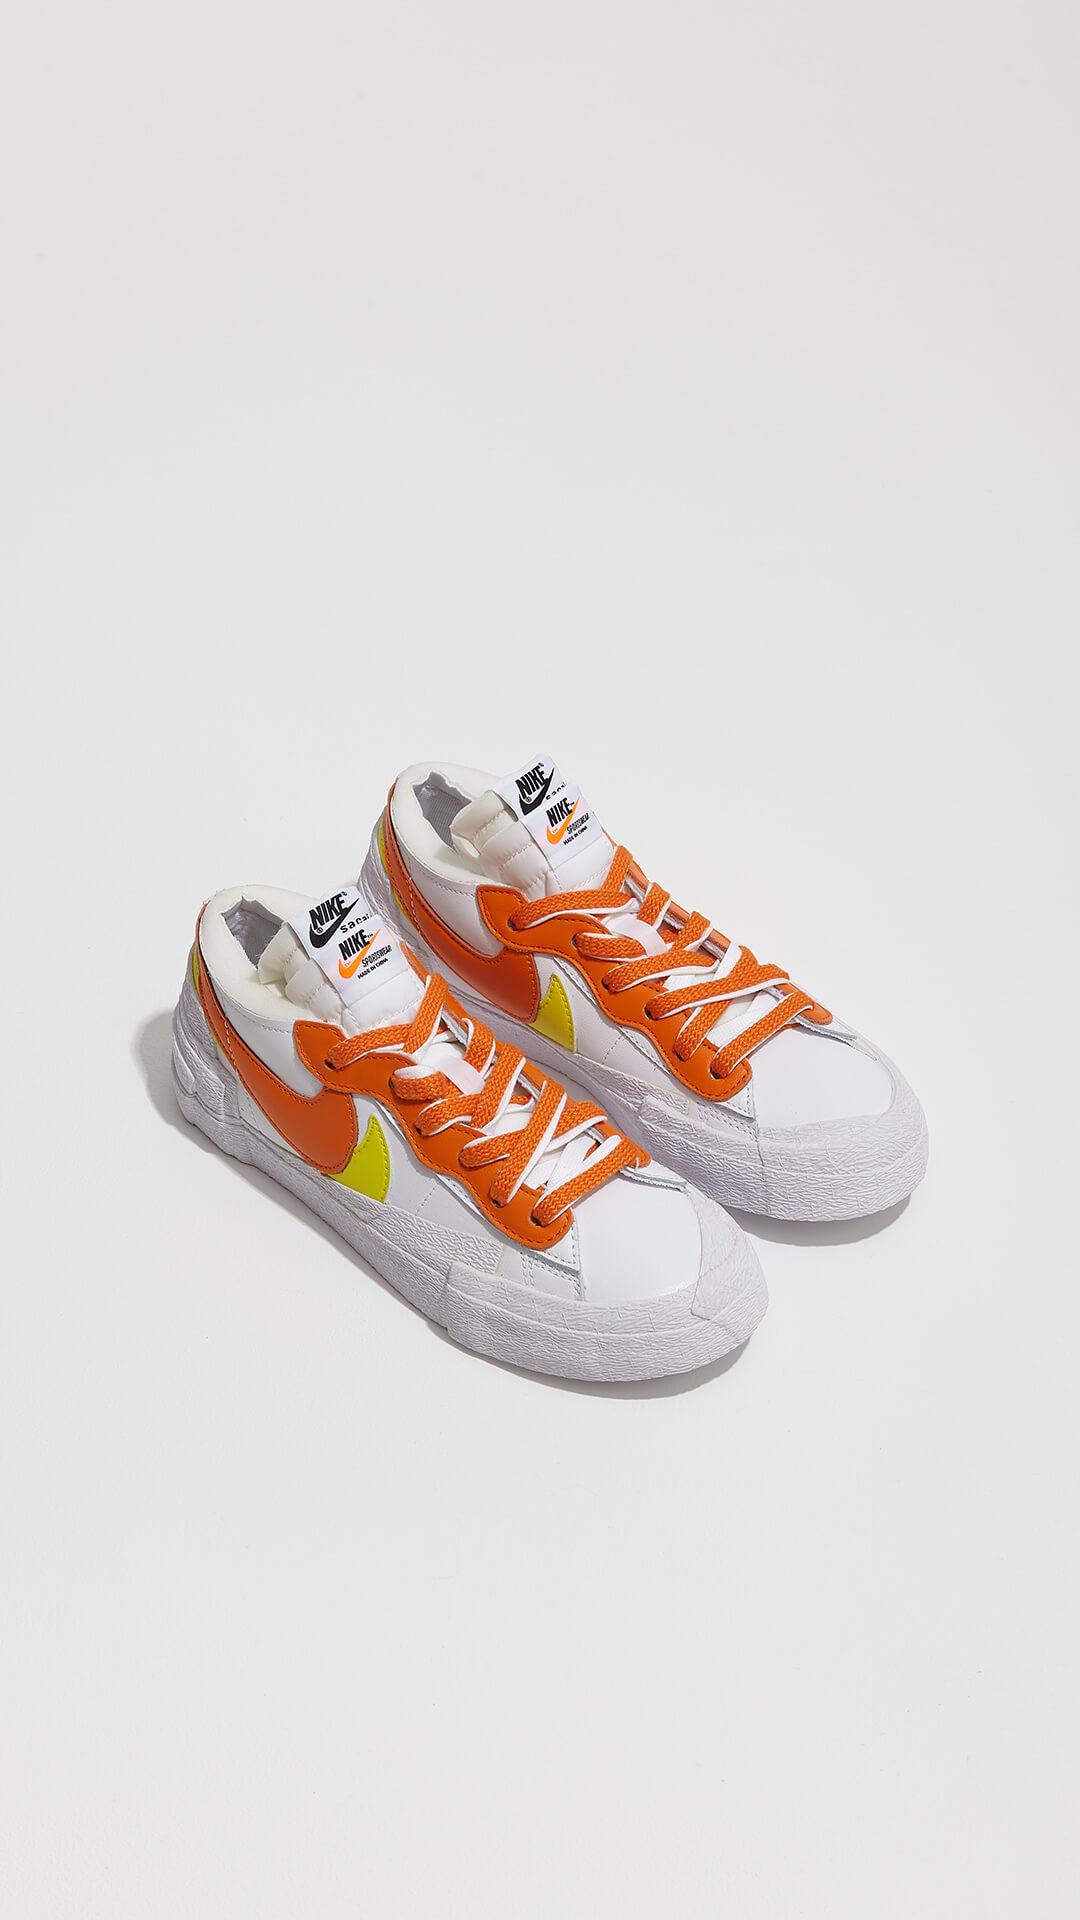 Nike x sacai - Blazer Low - Magma Orange - DD1877-100